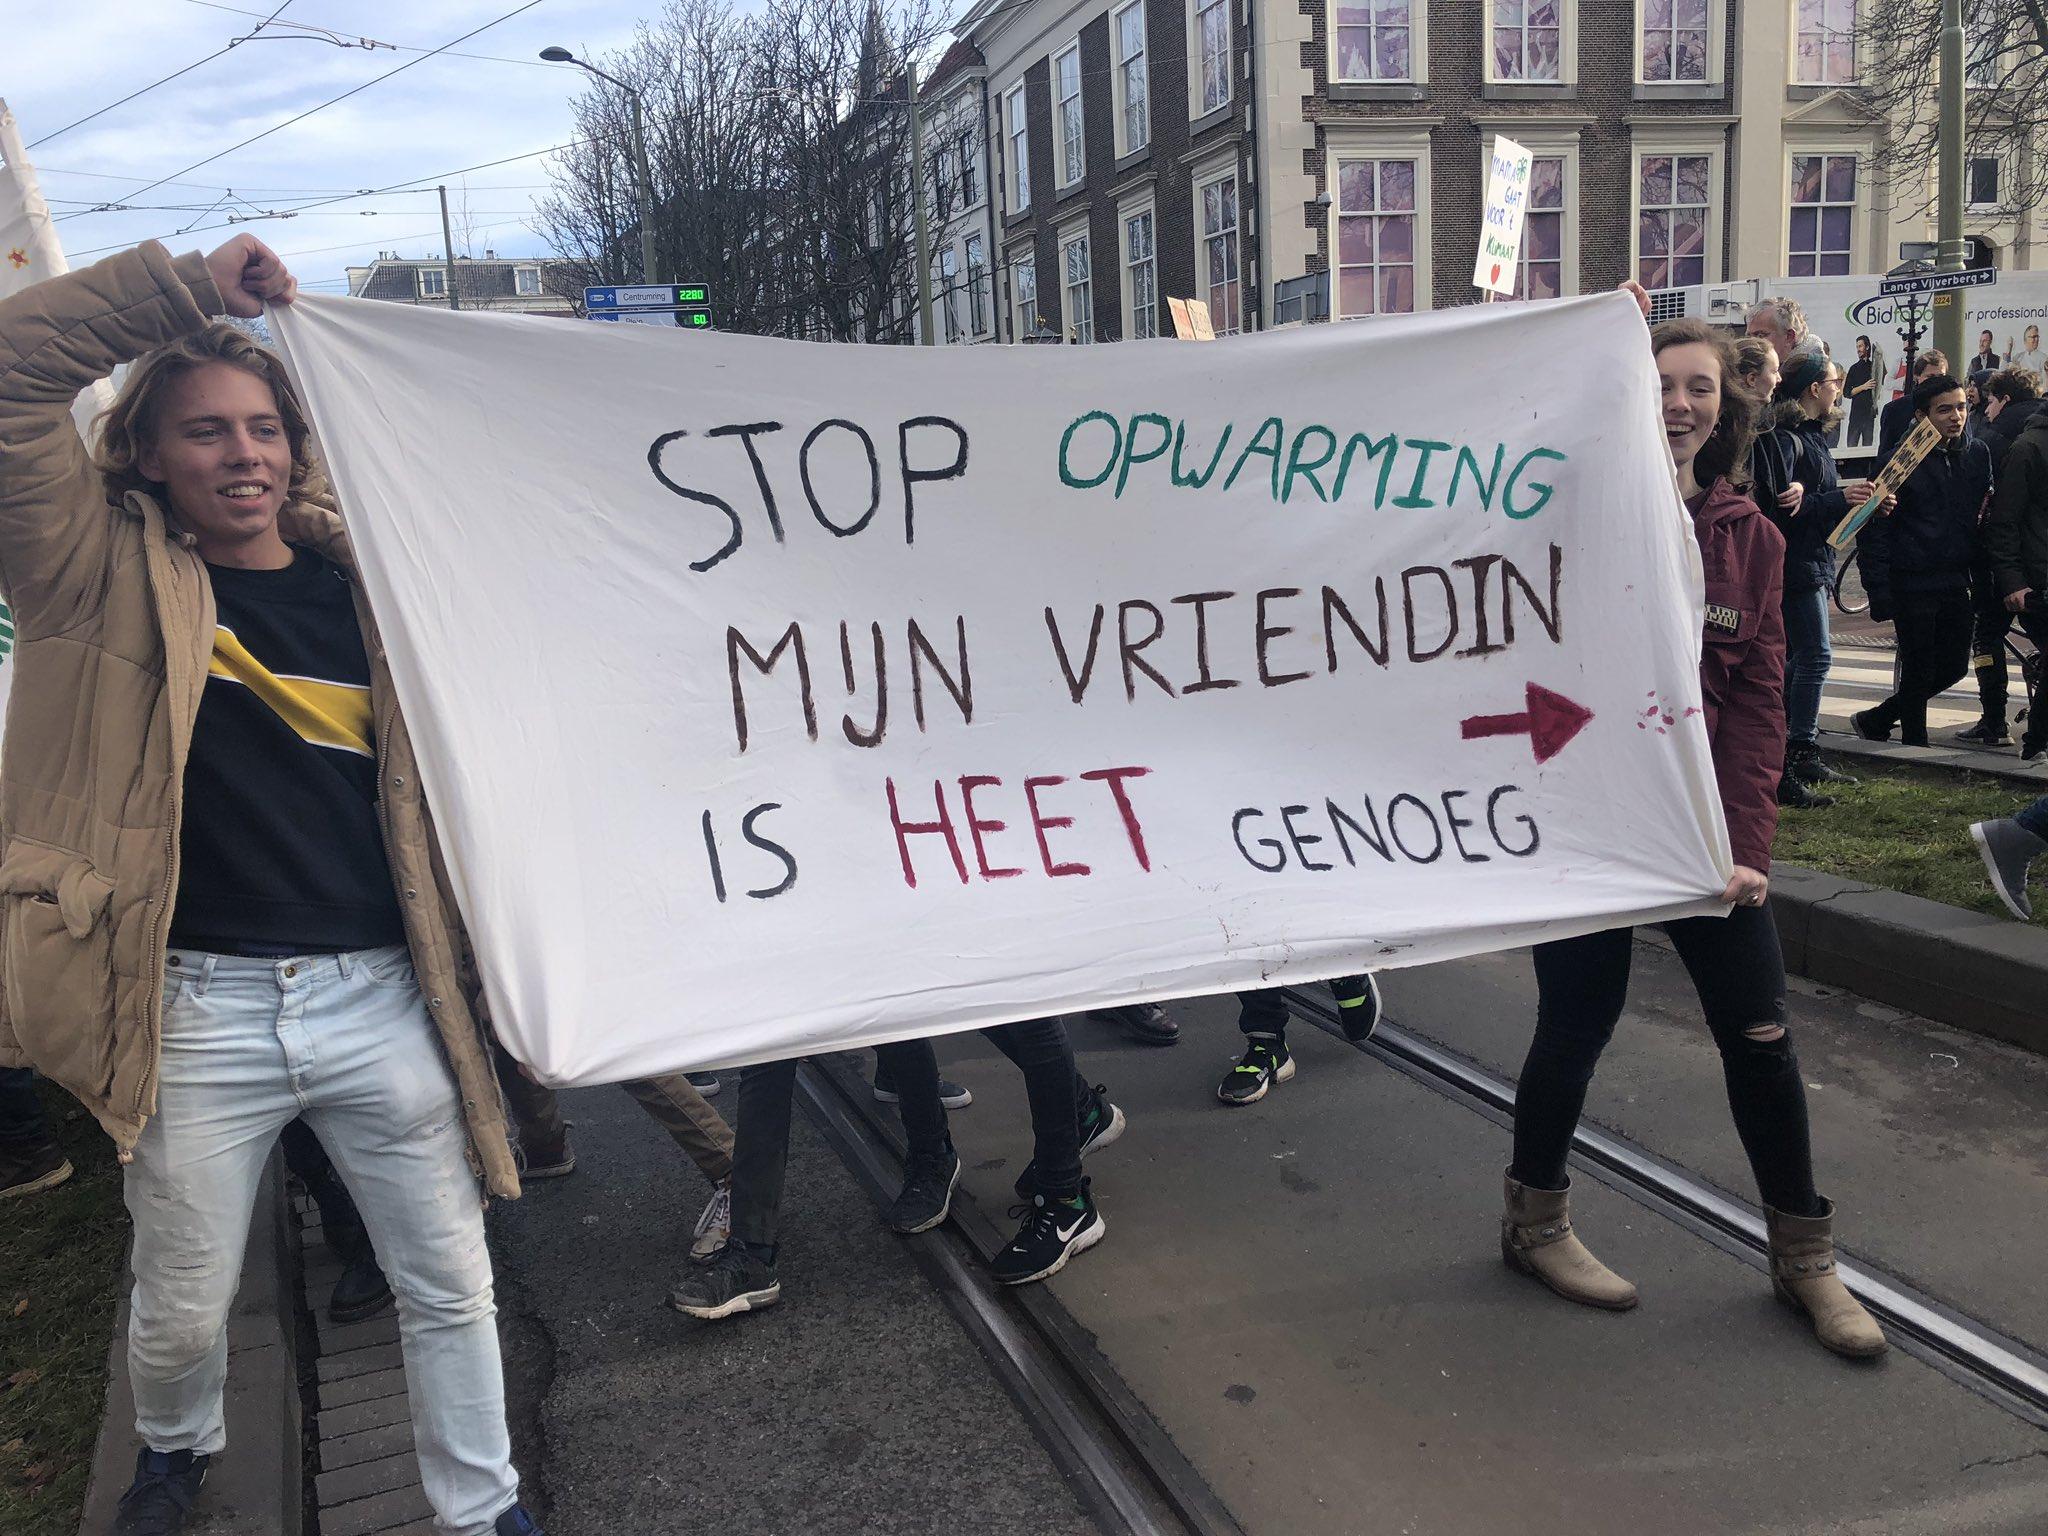 Hier kan Rutte niet over meepraten natuurlijk...